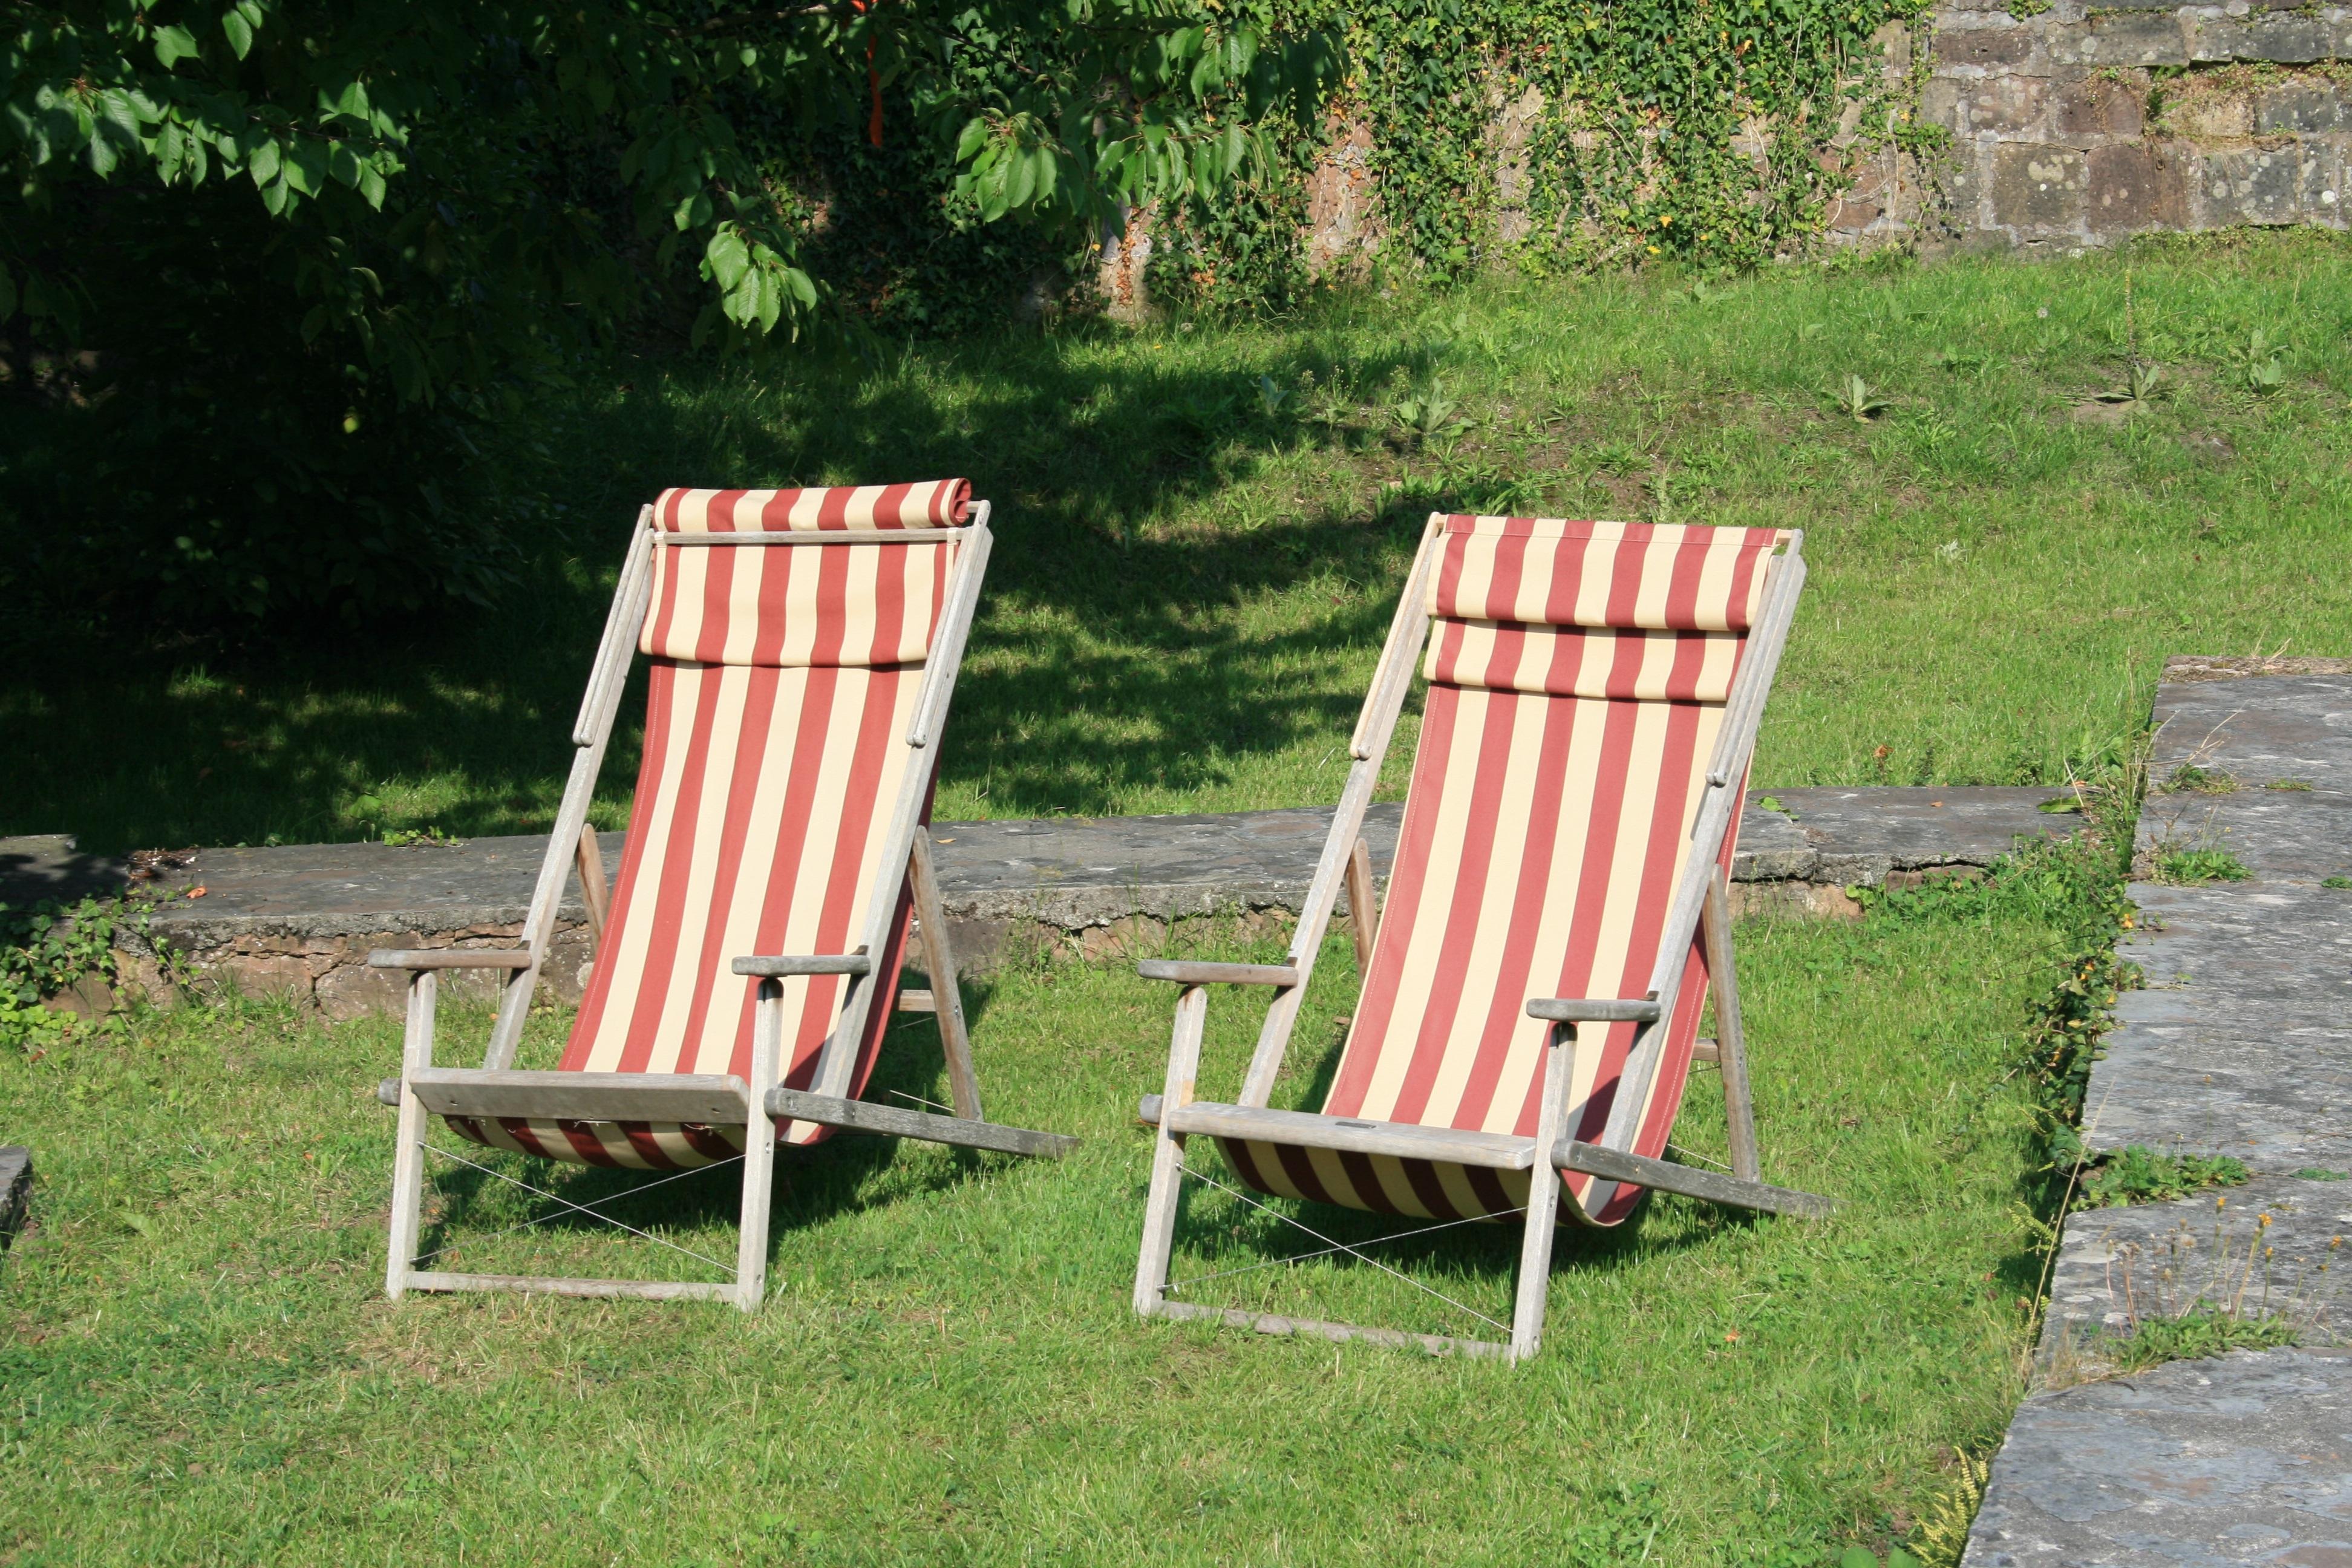 Gratuites la nature Soleil banc chaise été se